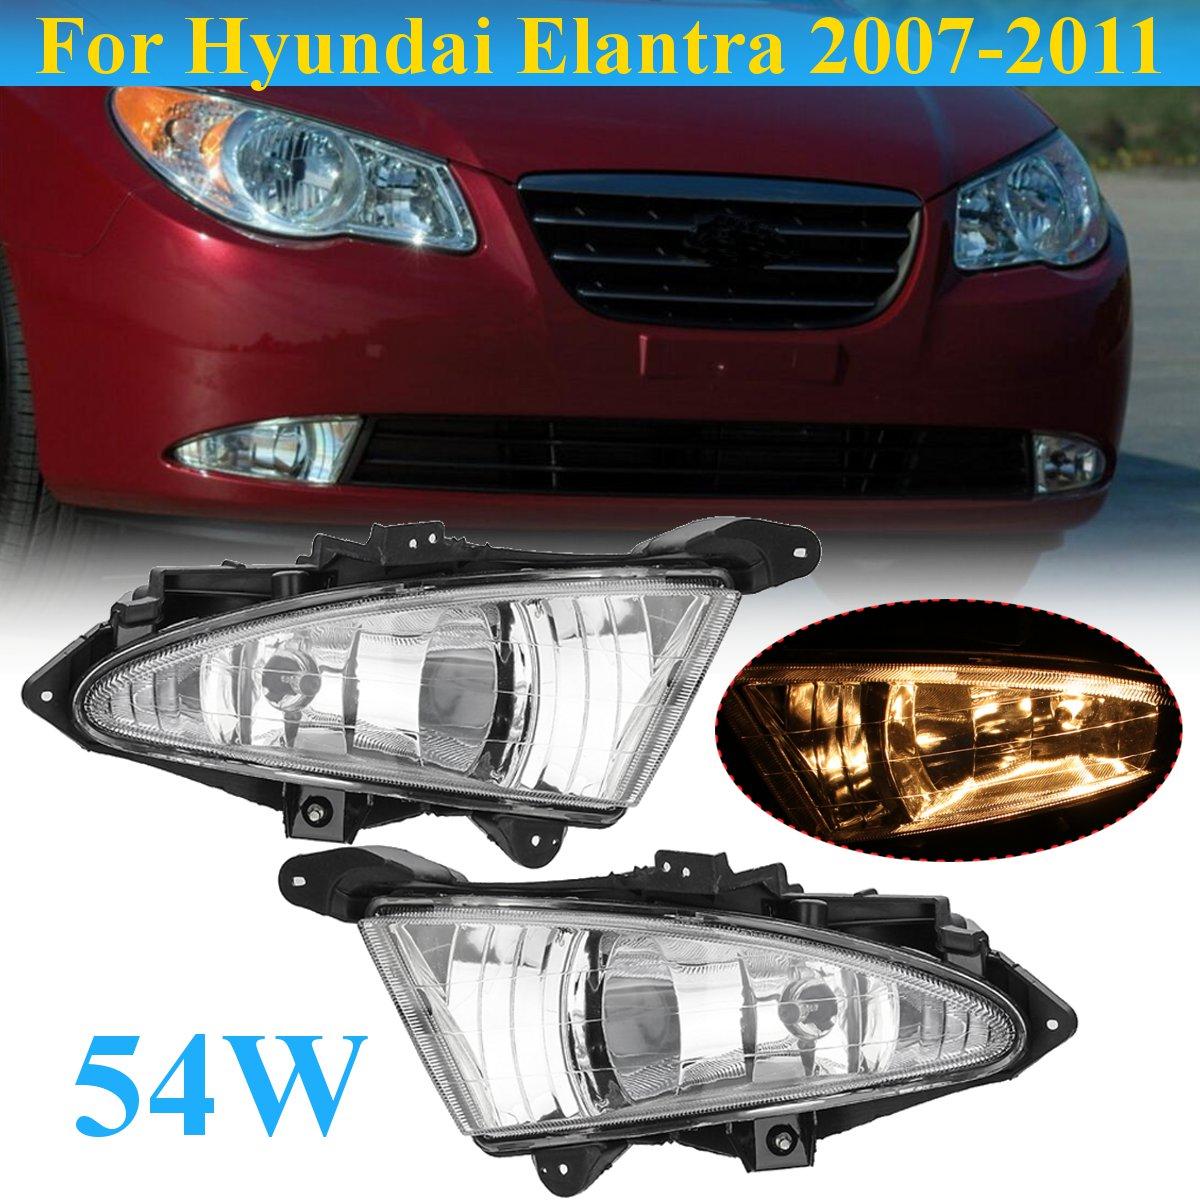 Hyundai Elantra 2007 For Sale: Aliexpress.com : Buy For Hyundai Elantra 2007~2011 Car